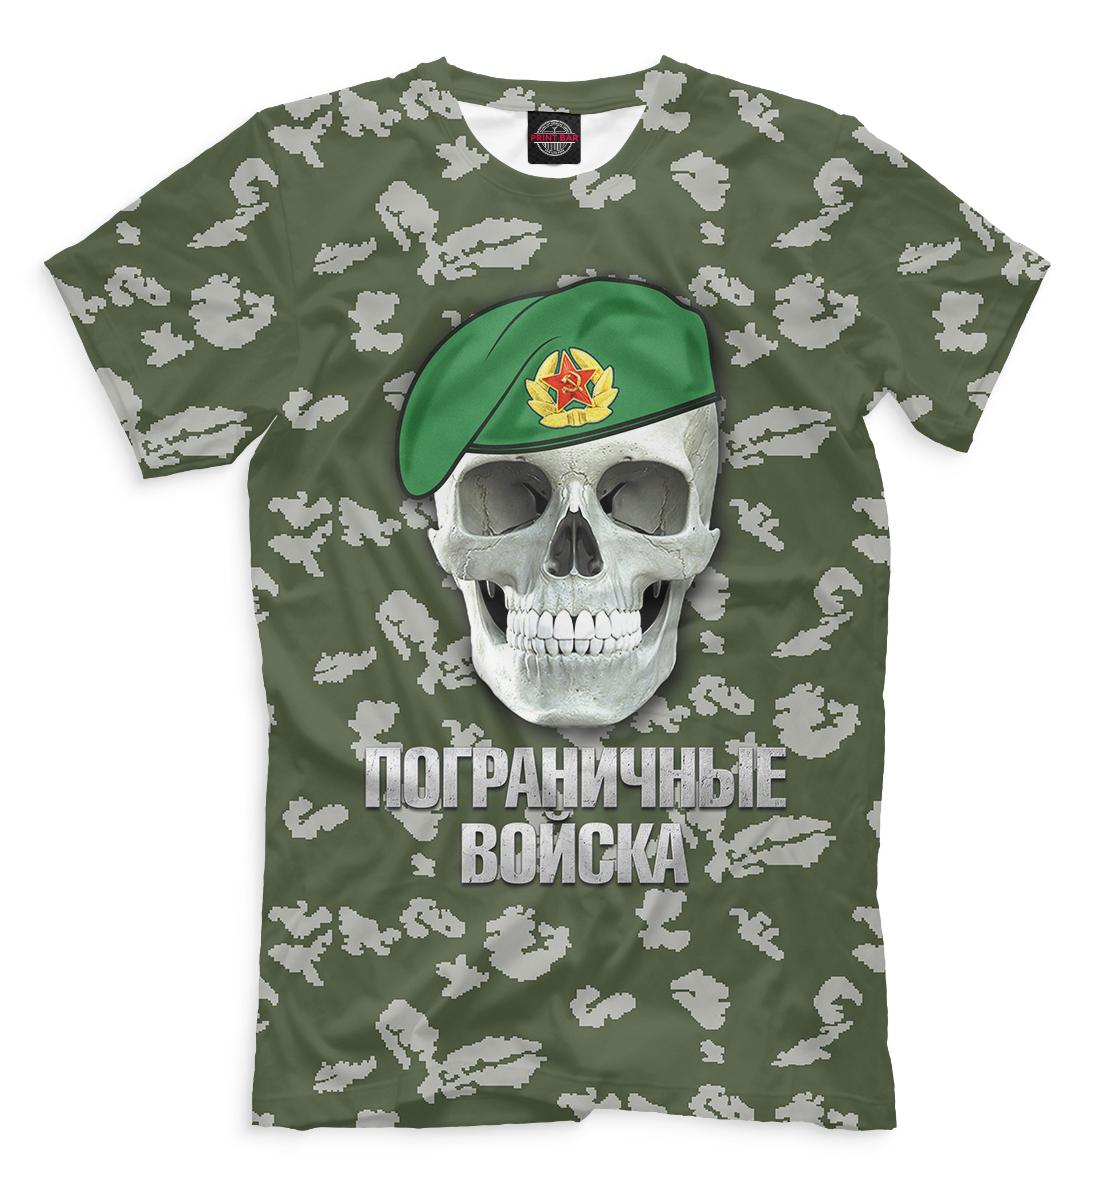 Пограничные войска картинки черепа